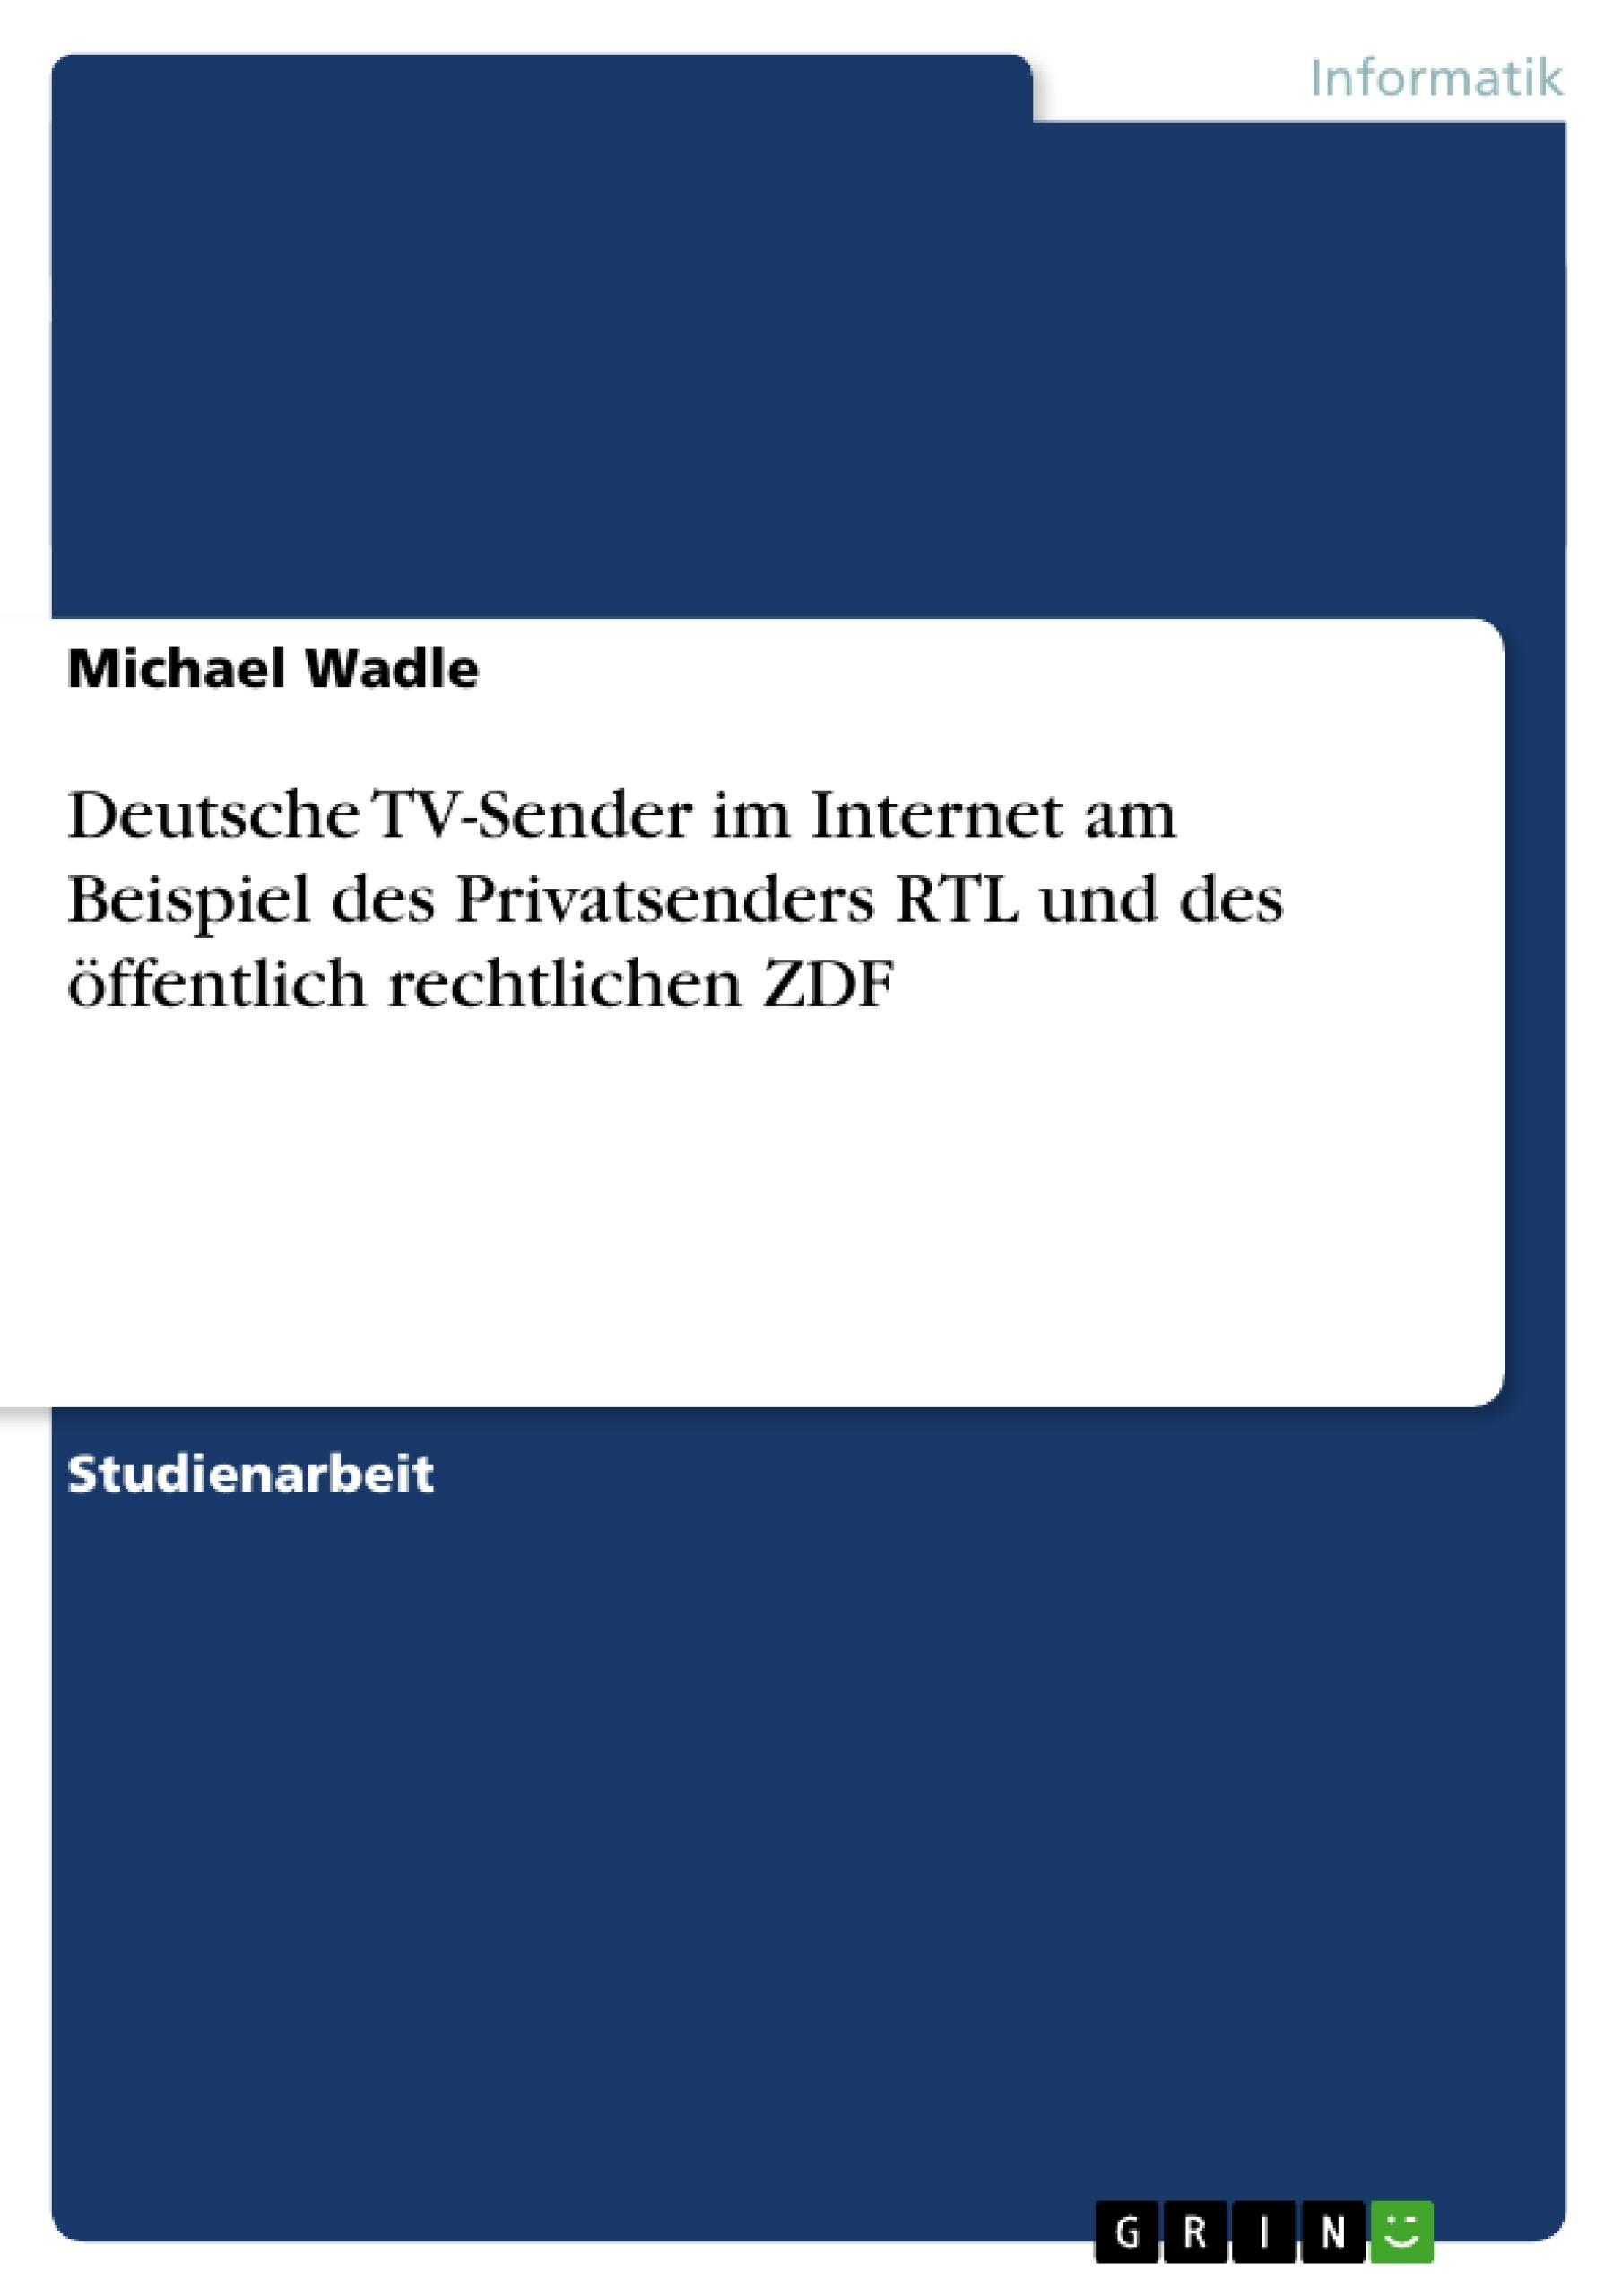 Titel: Deutsche TV-Sender im Internet am Beispiel des Privatsenders RTL und des öffentlich rechtlichen ZDF